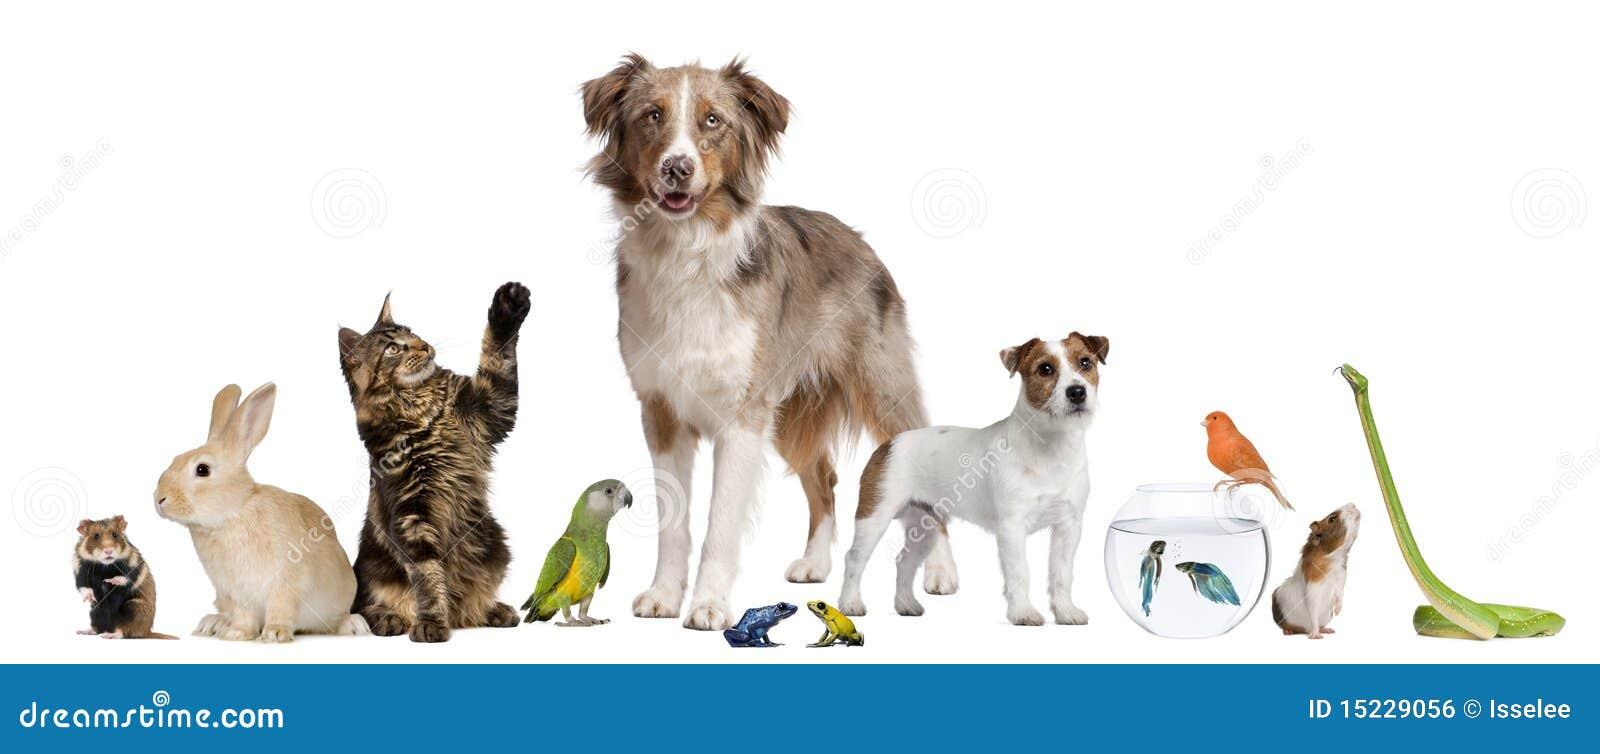 Grupo de animales domésticos junto